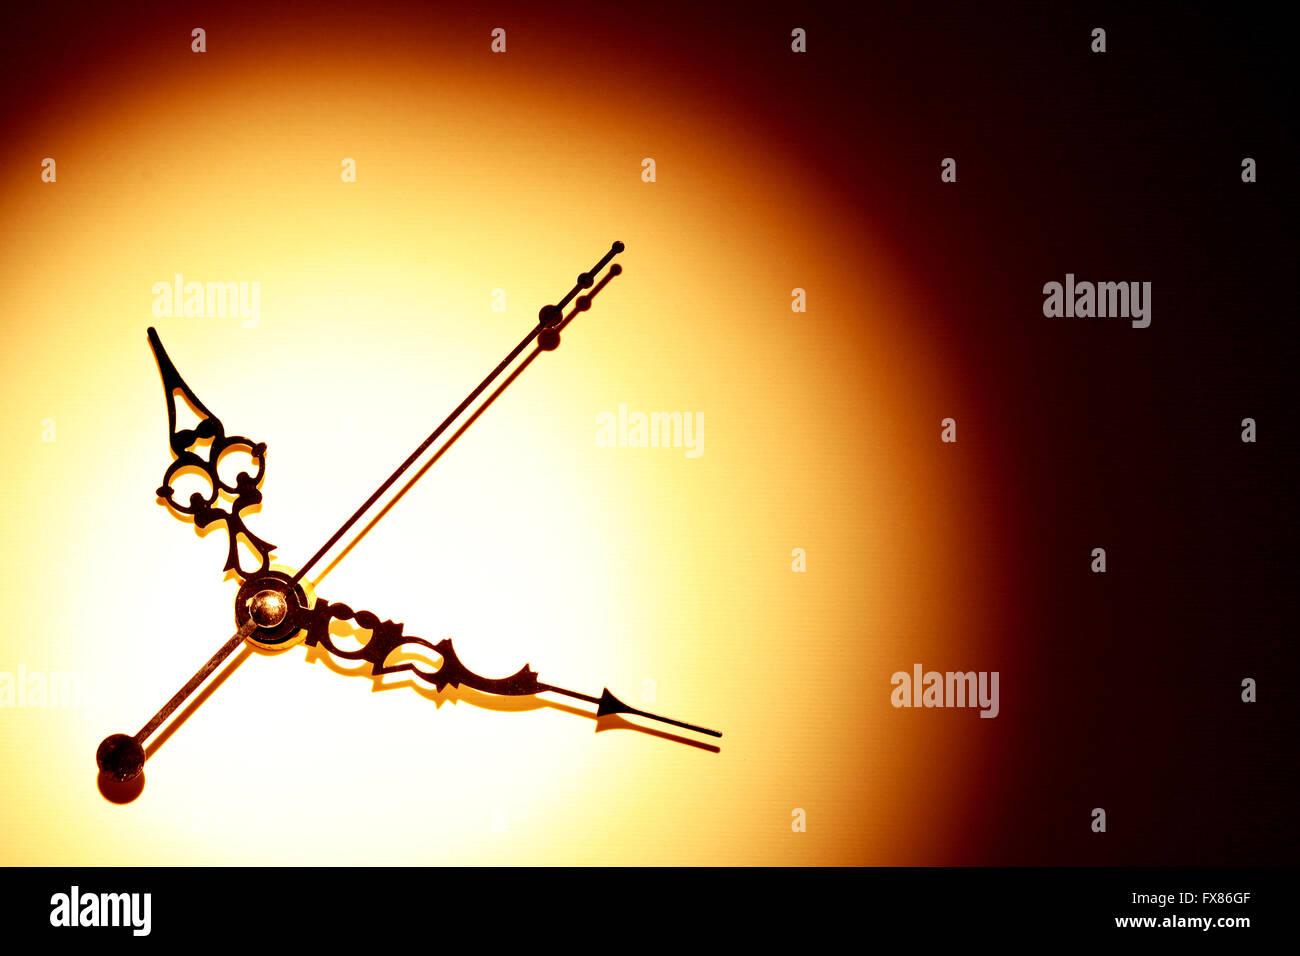 Concepto de tiempo. Minuto y Segundo manos con sombra en un lindo papel antecedentes Imagen De Stock